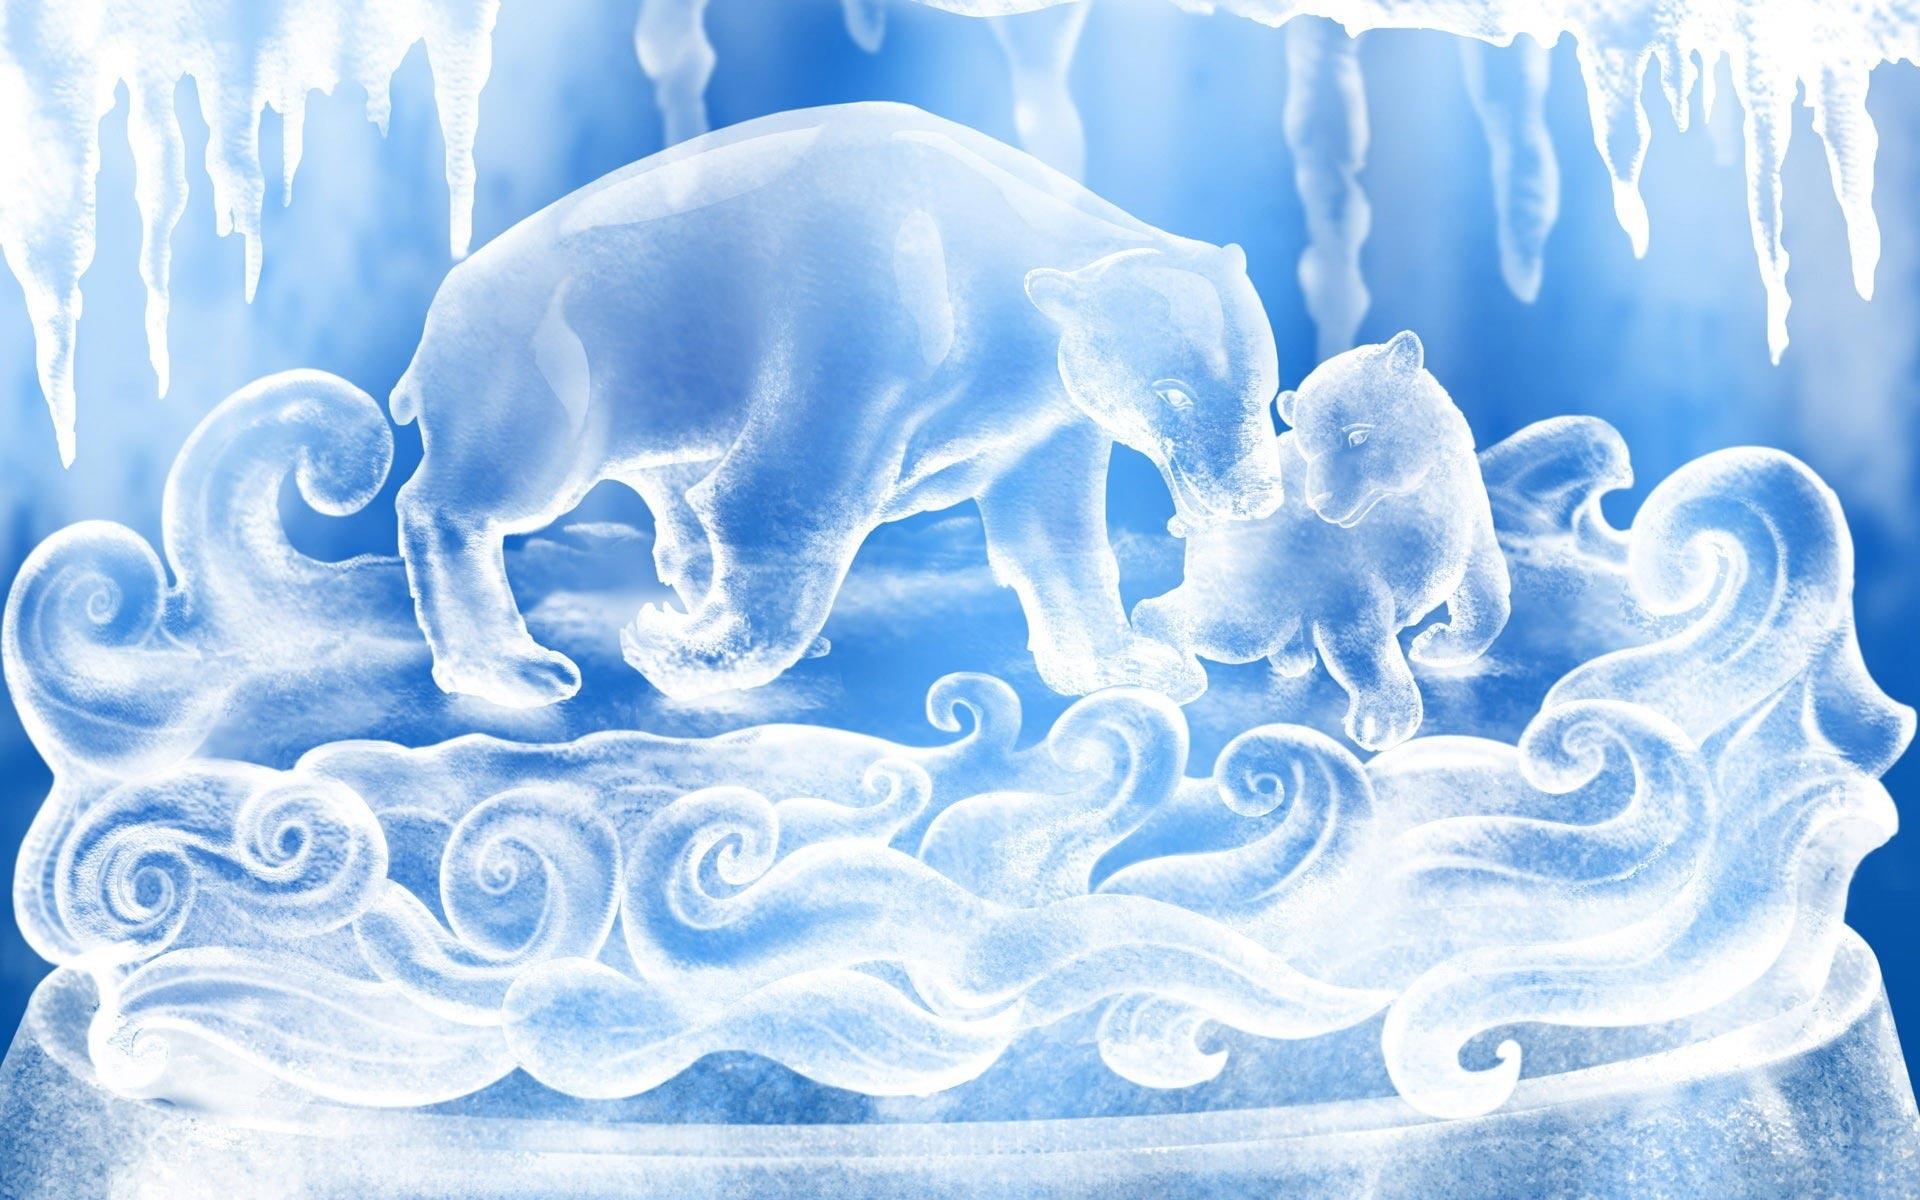 зима, медведи, обои для рабочего стола, фото